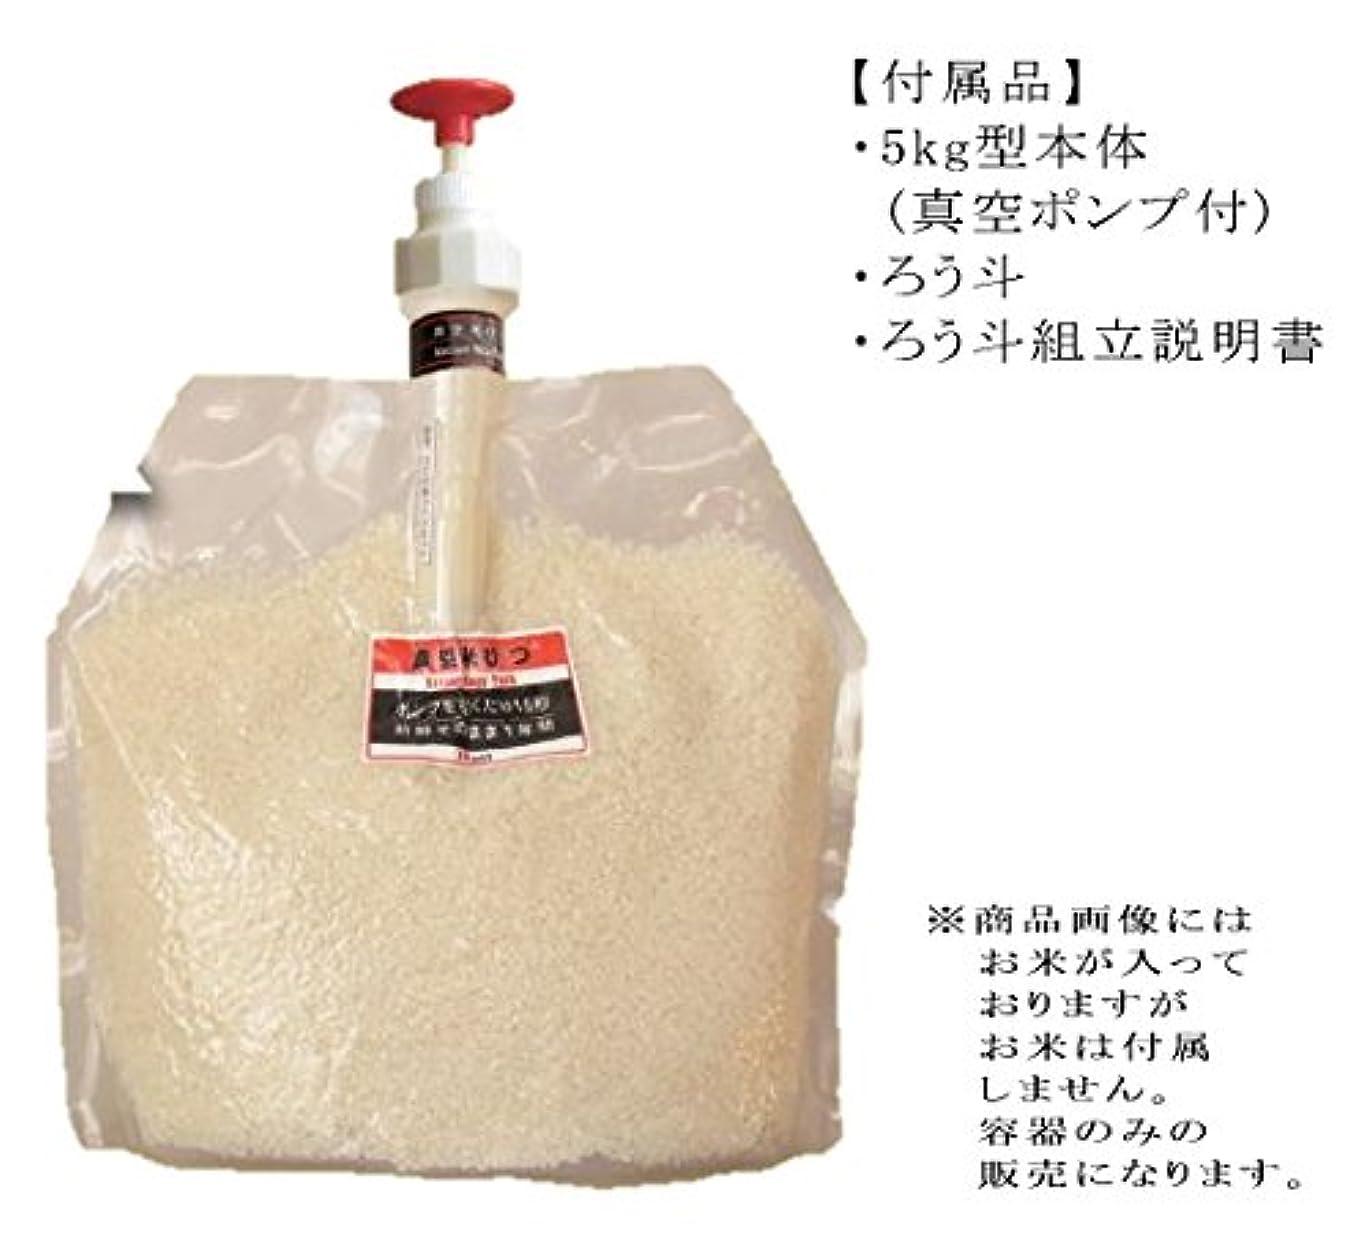 天皇コモランマ並外れてエムケー精工 保冷米びつ(米容量21kg) CoolAce(クールエース) HK-221W